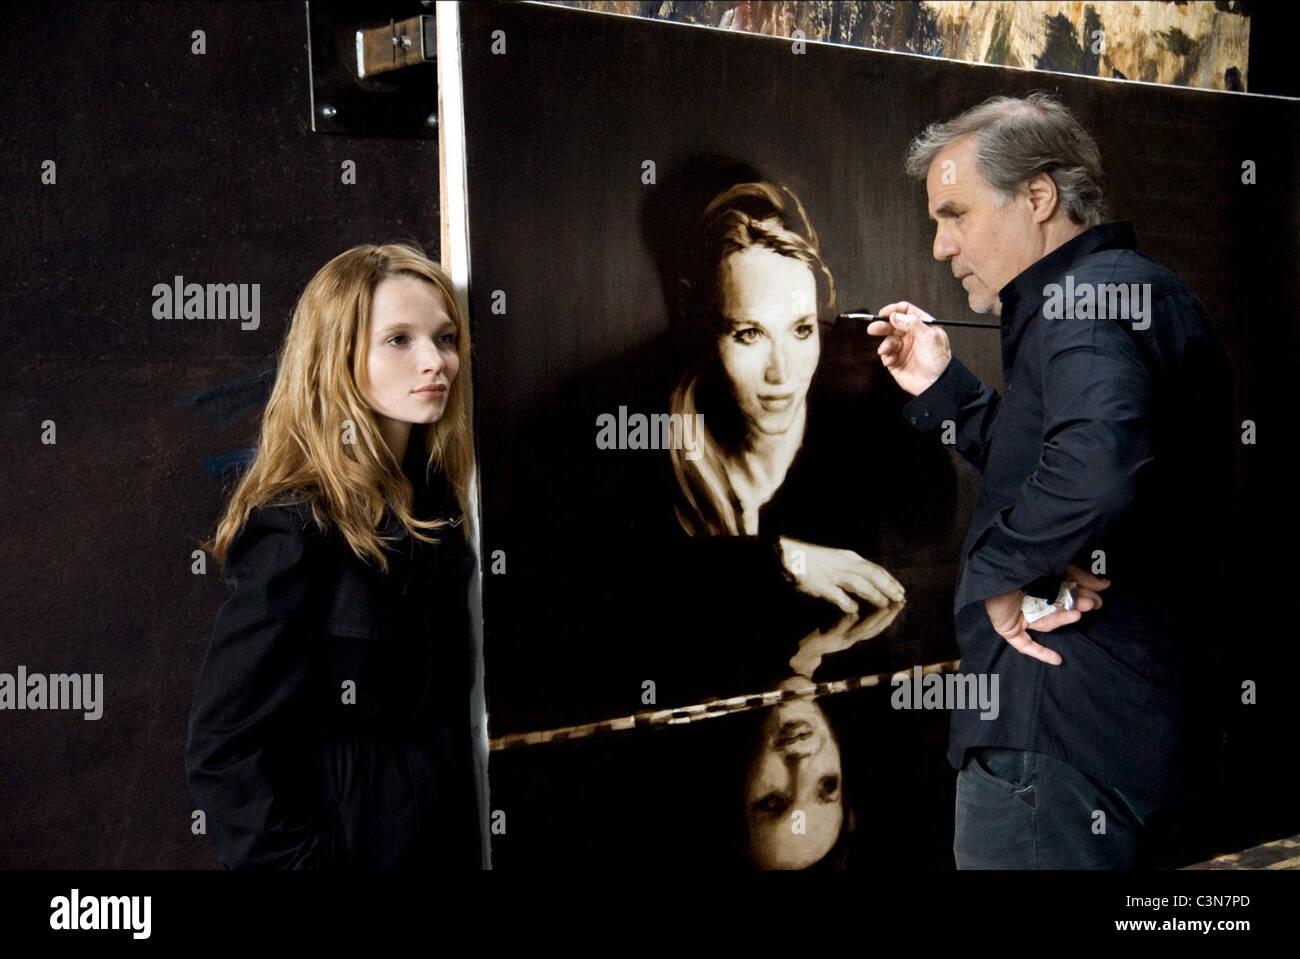 KAROLINE HERFURTH & JOSEF BIERBICHLER A YEAR AGO IN WINTER (2008) Stock Photo